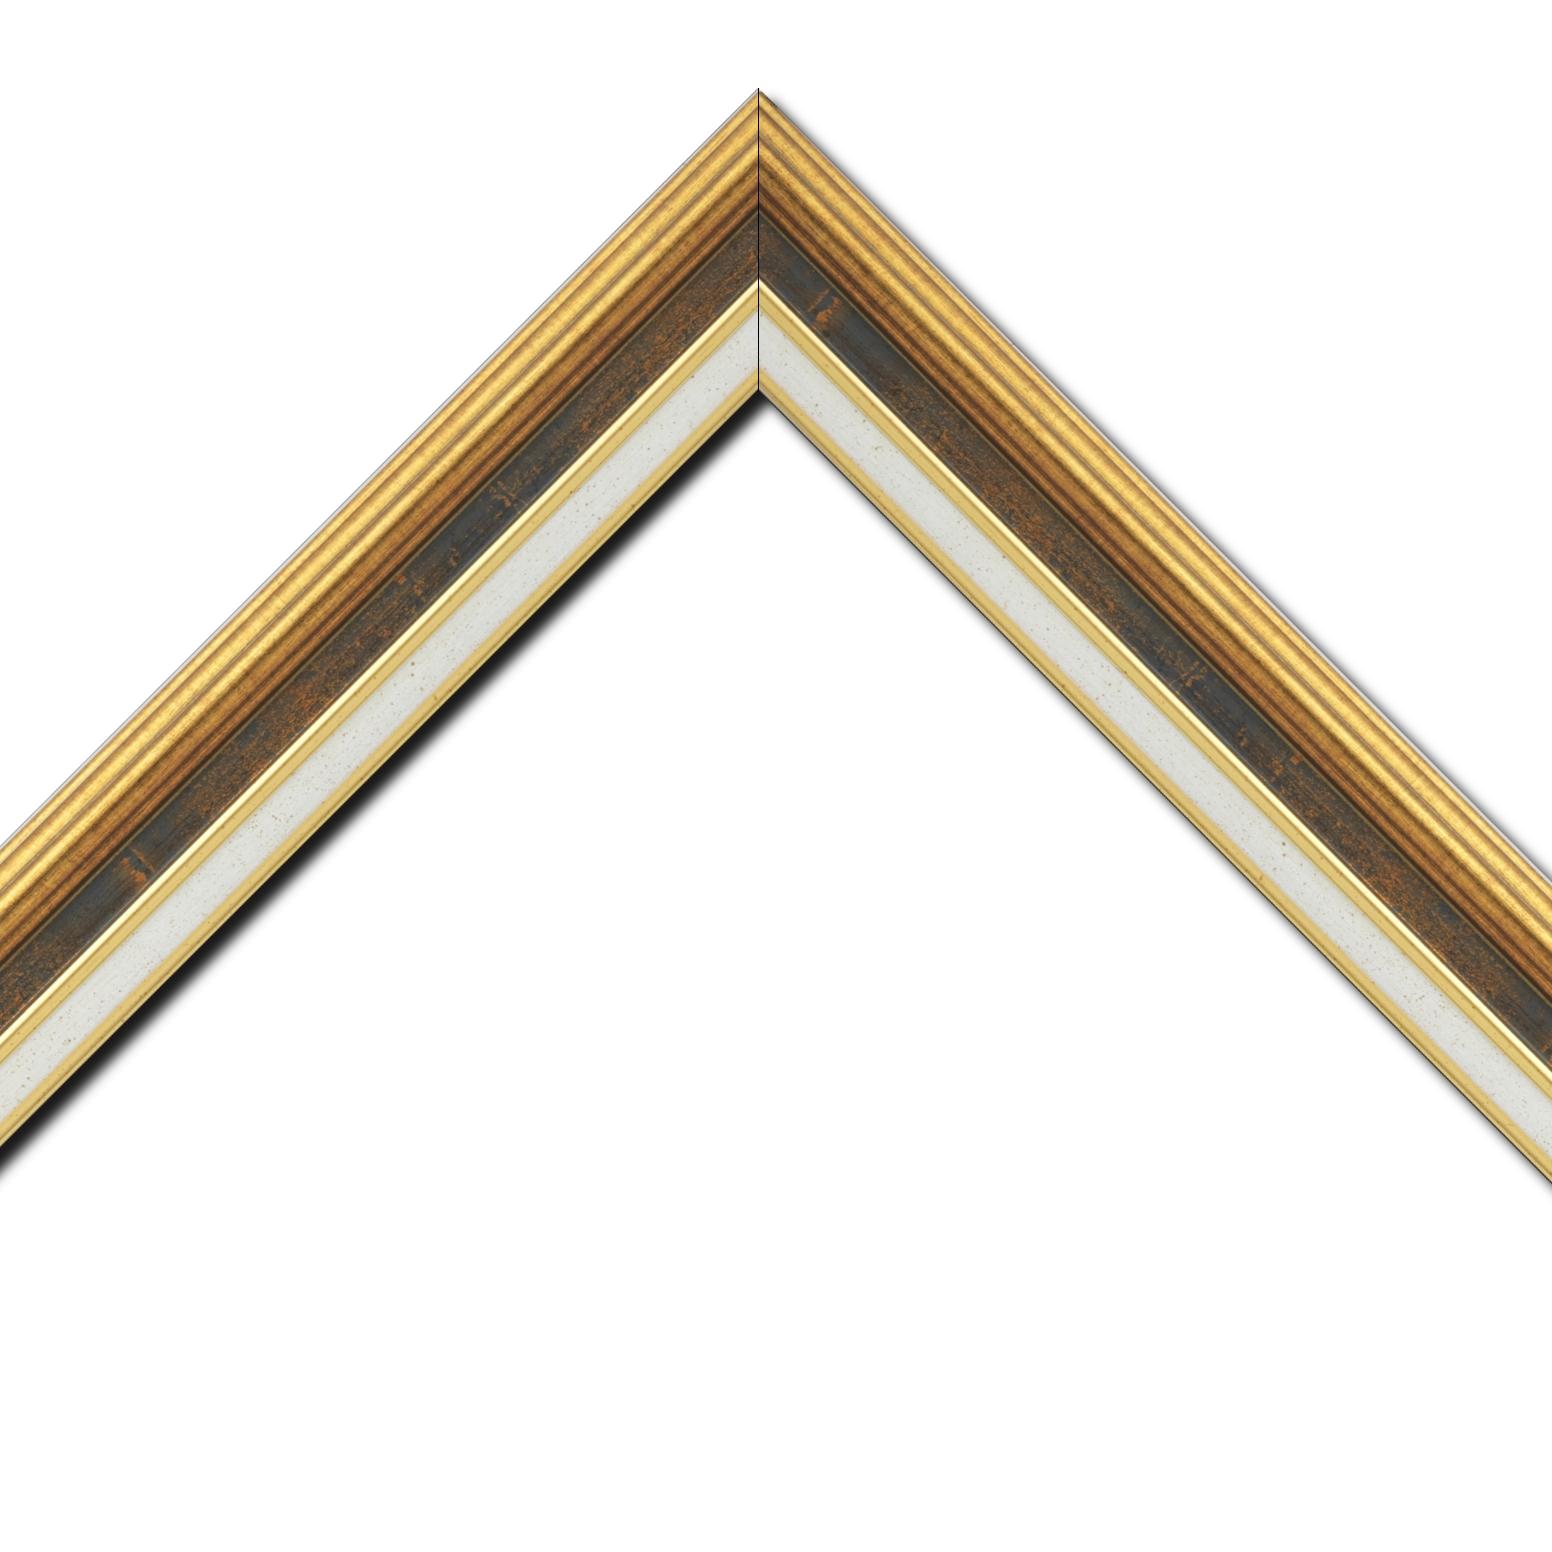 Baguette bois largeur 5.2cm or gorge bleu fond or marie louise crème filet or intégrée